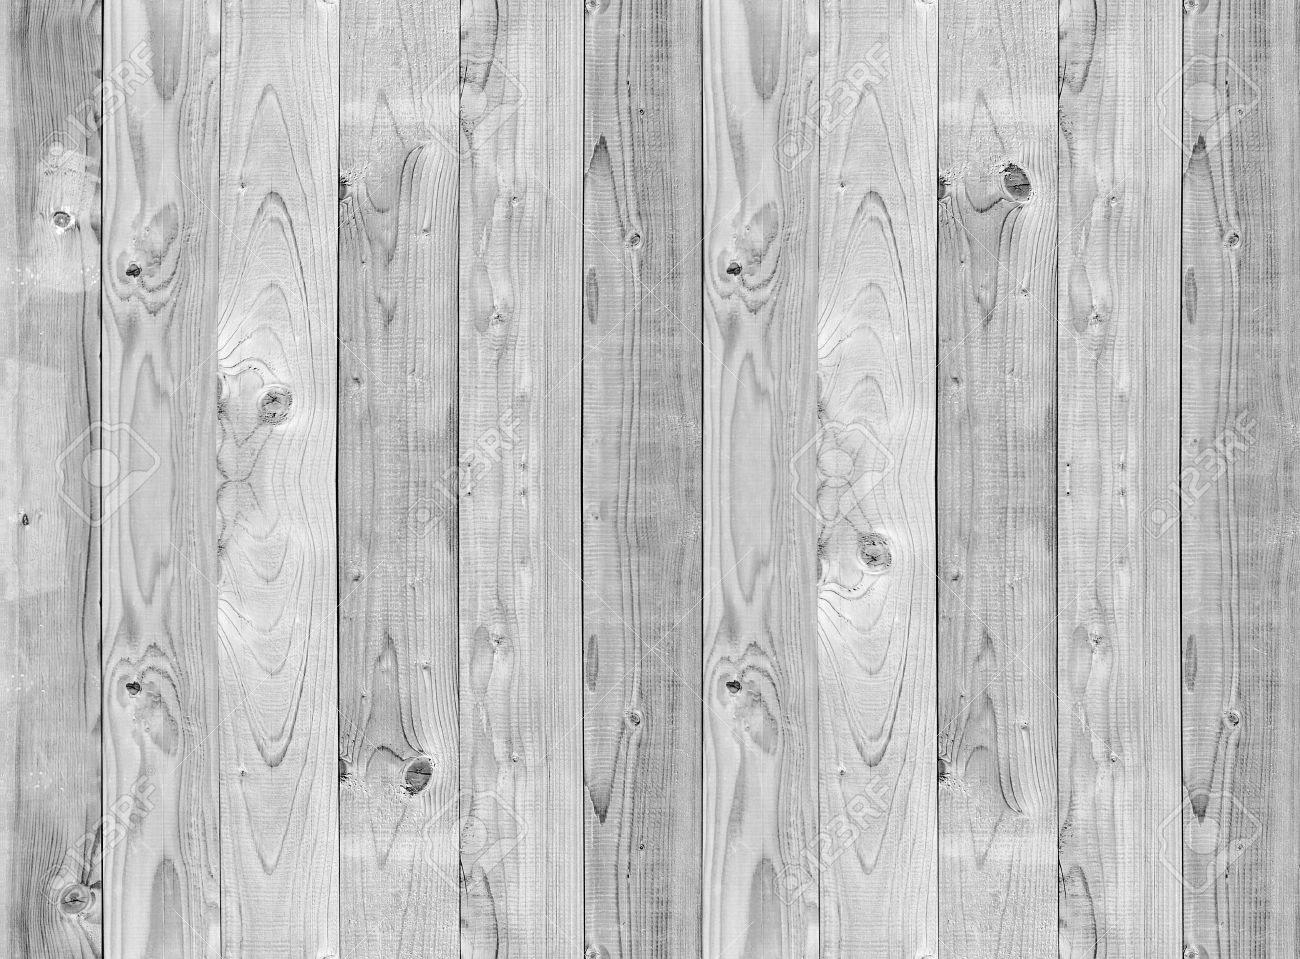 1300x959px Grey Wood Wallpaper - WallpaperSafari